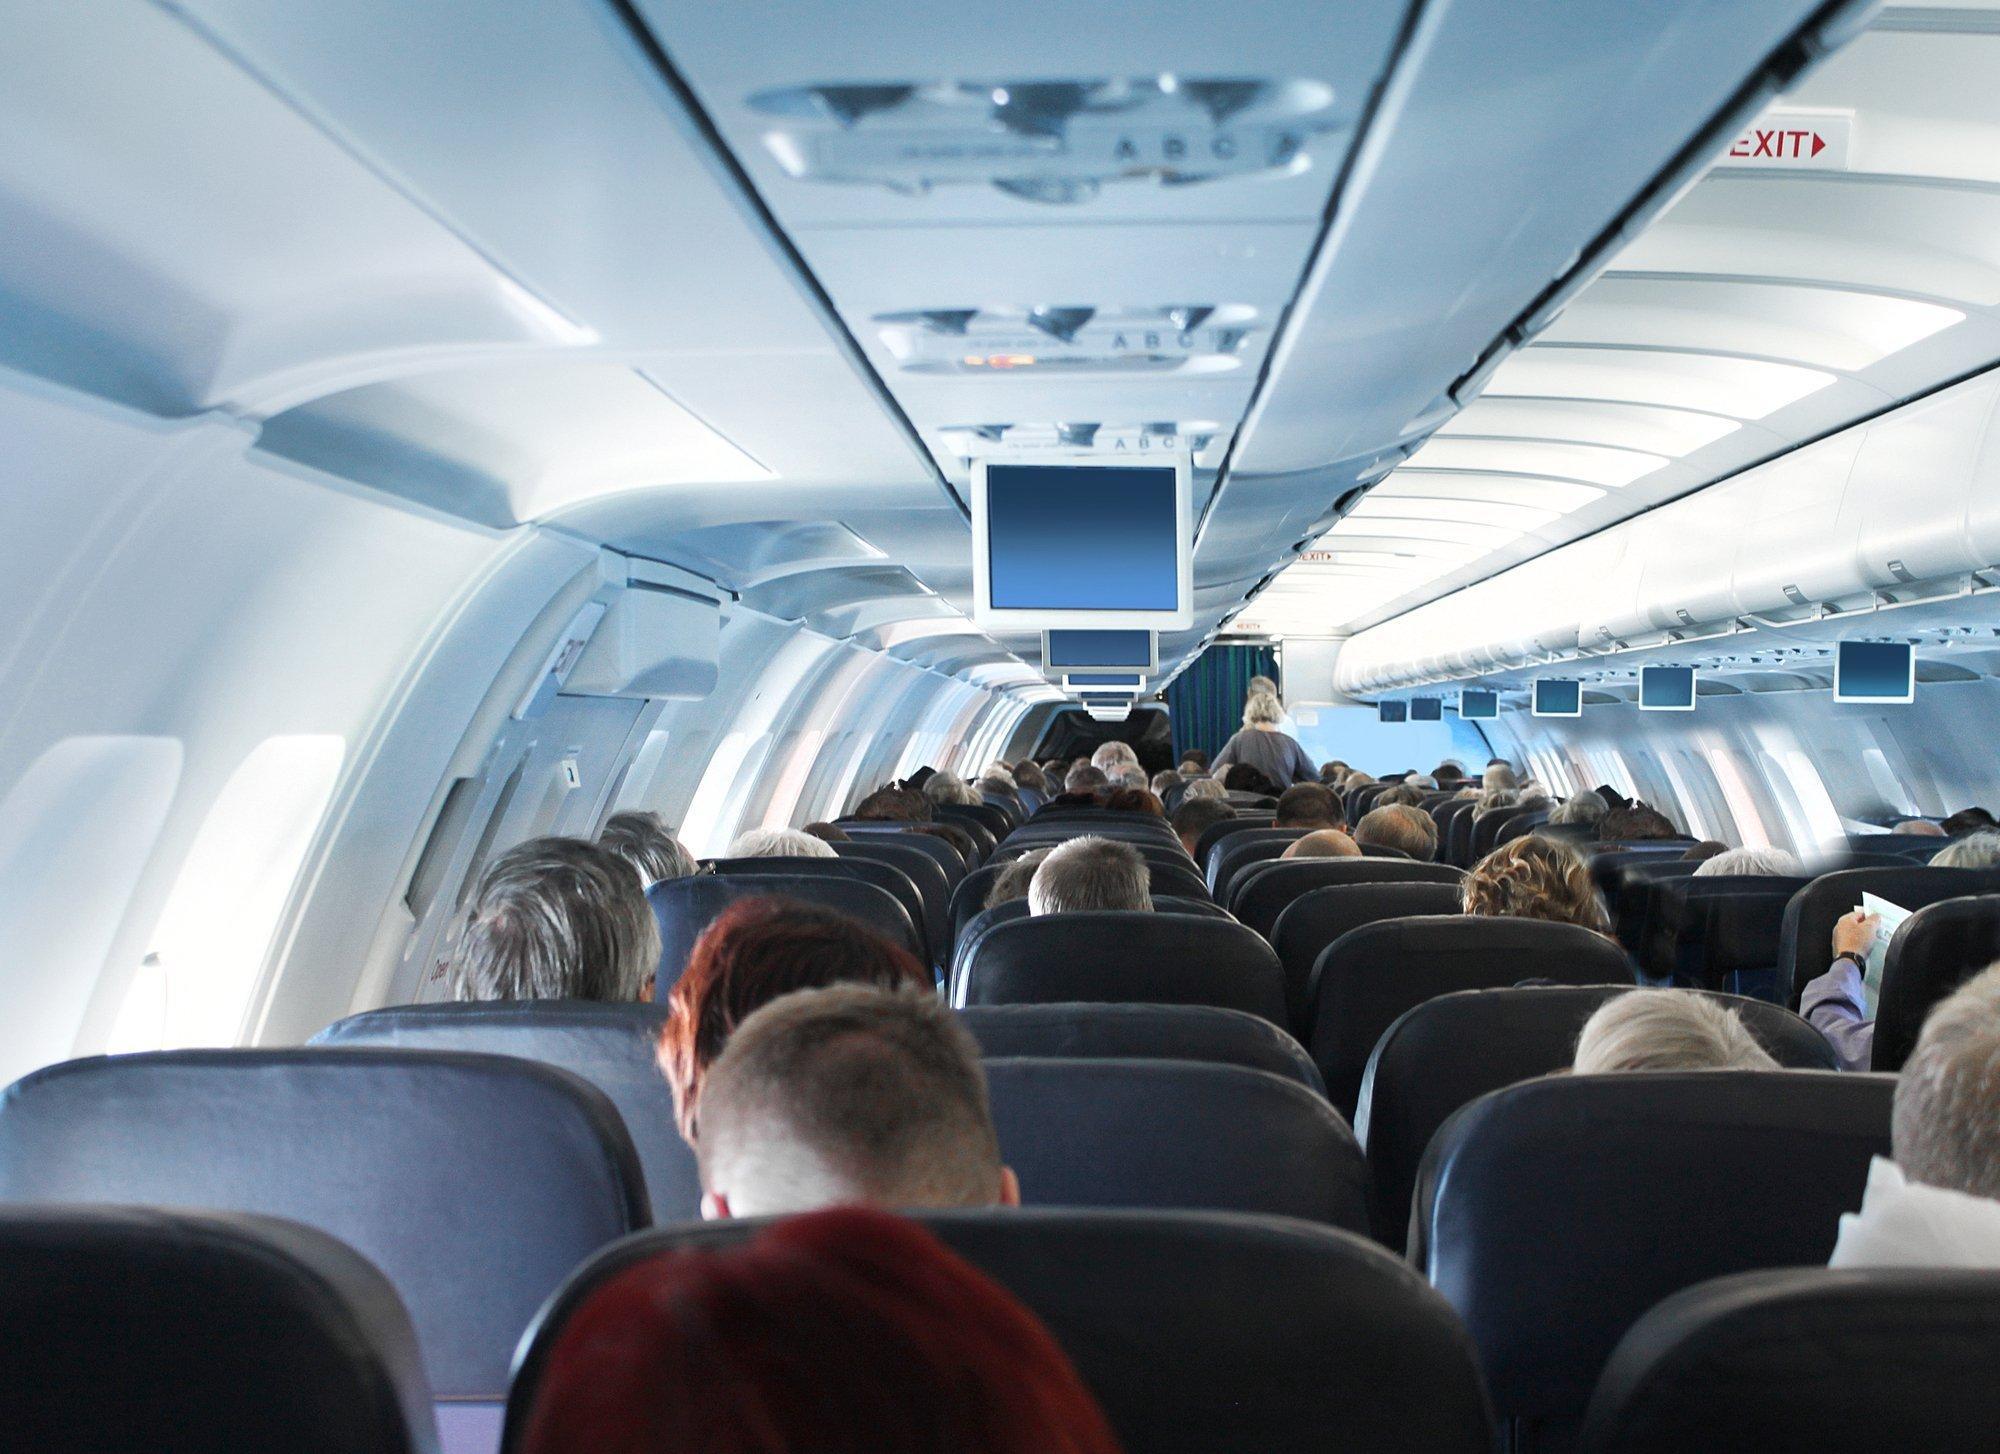 Aufnahme aus der Kabine eines Passagierflugzeugs.